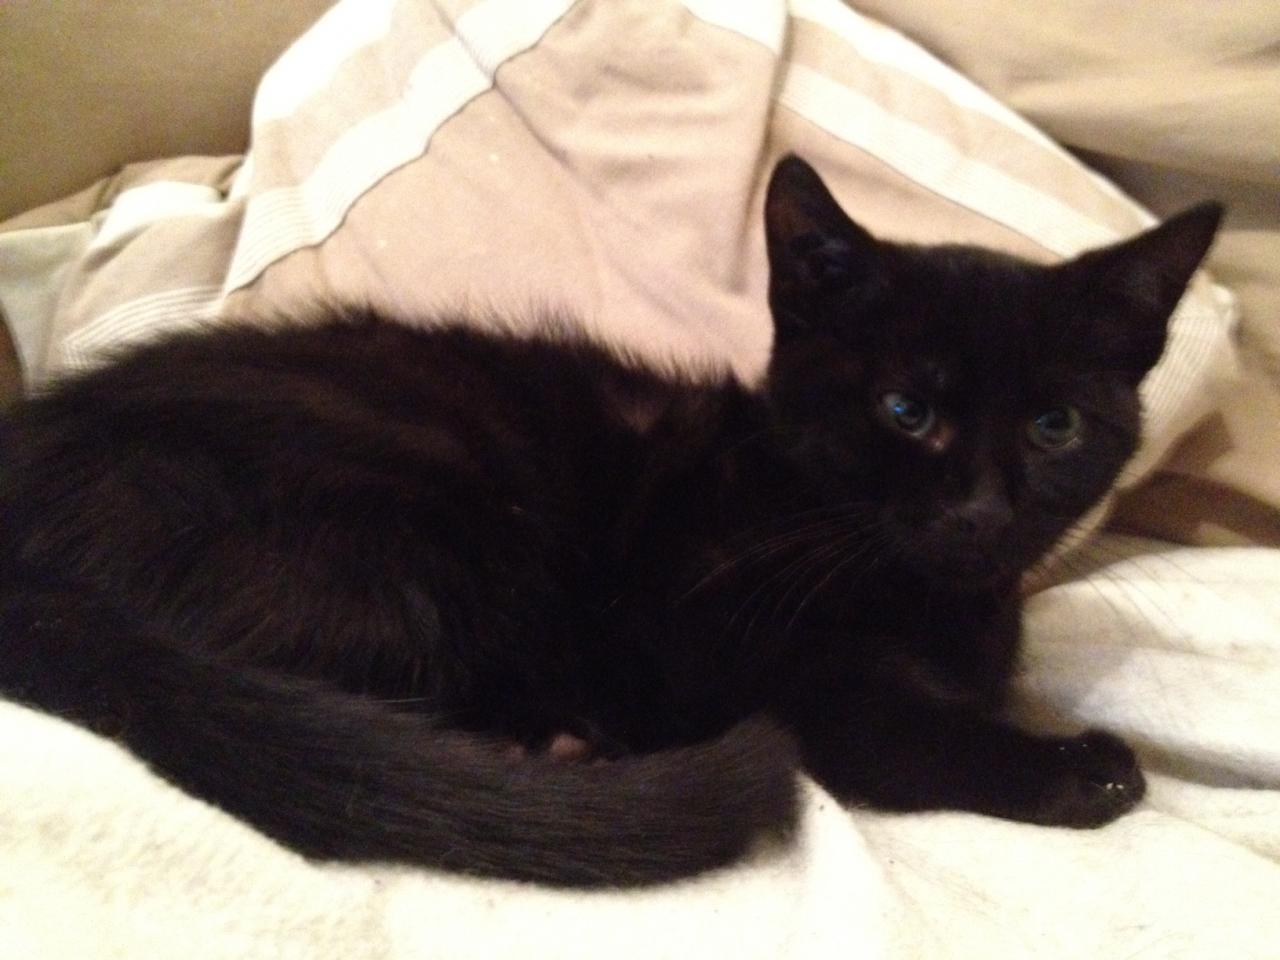 GALLIBIER - M - Né le 20/09/2011 - Adopté en Fevrier 2012